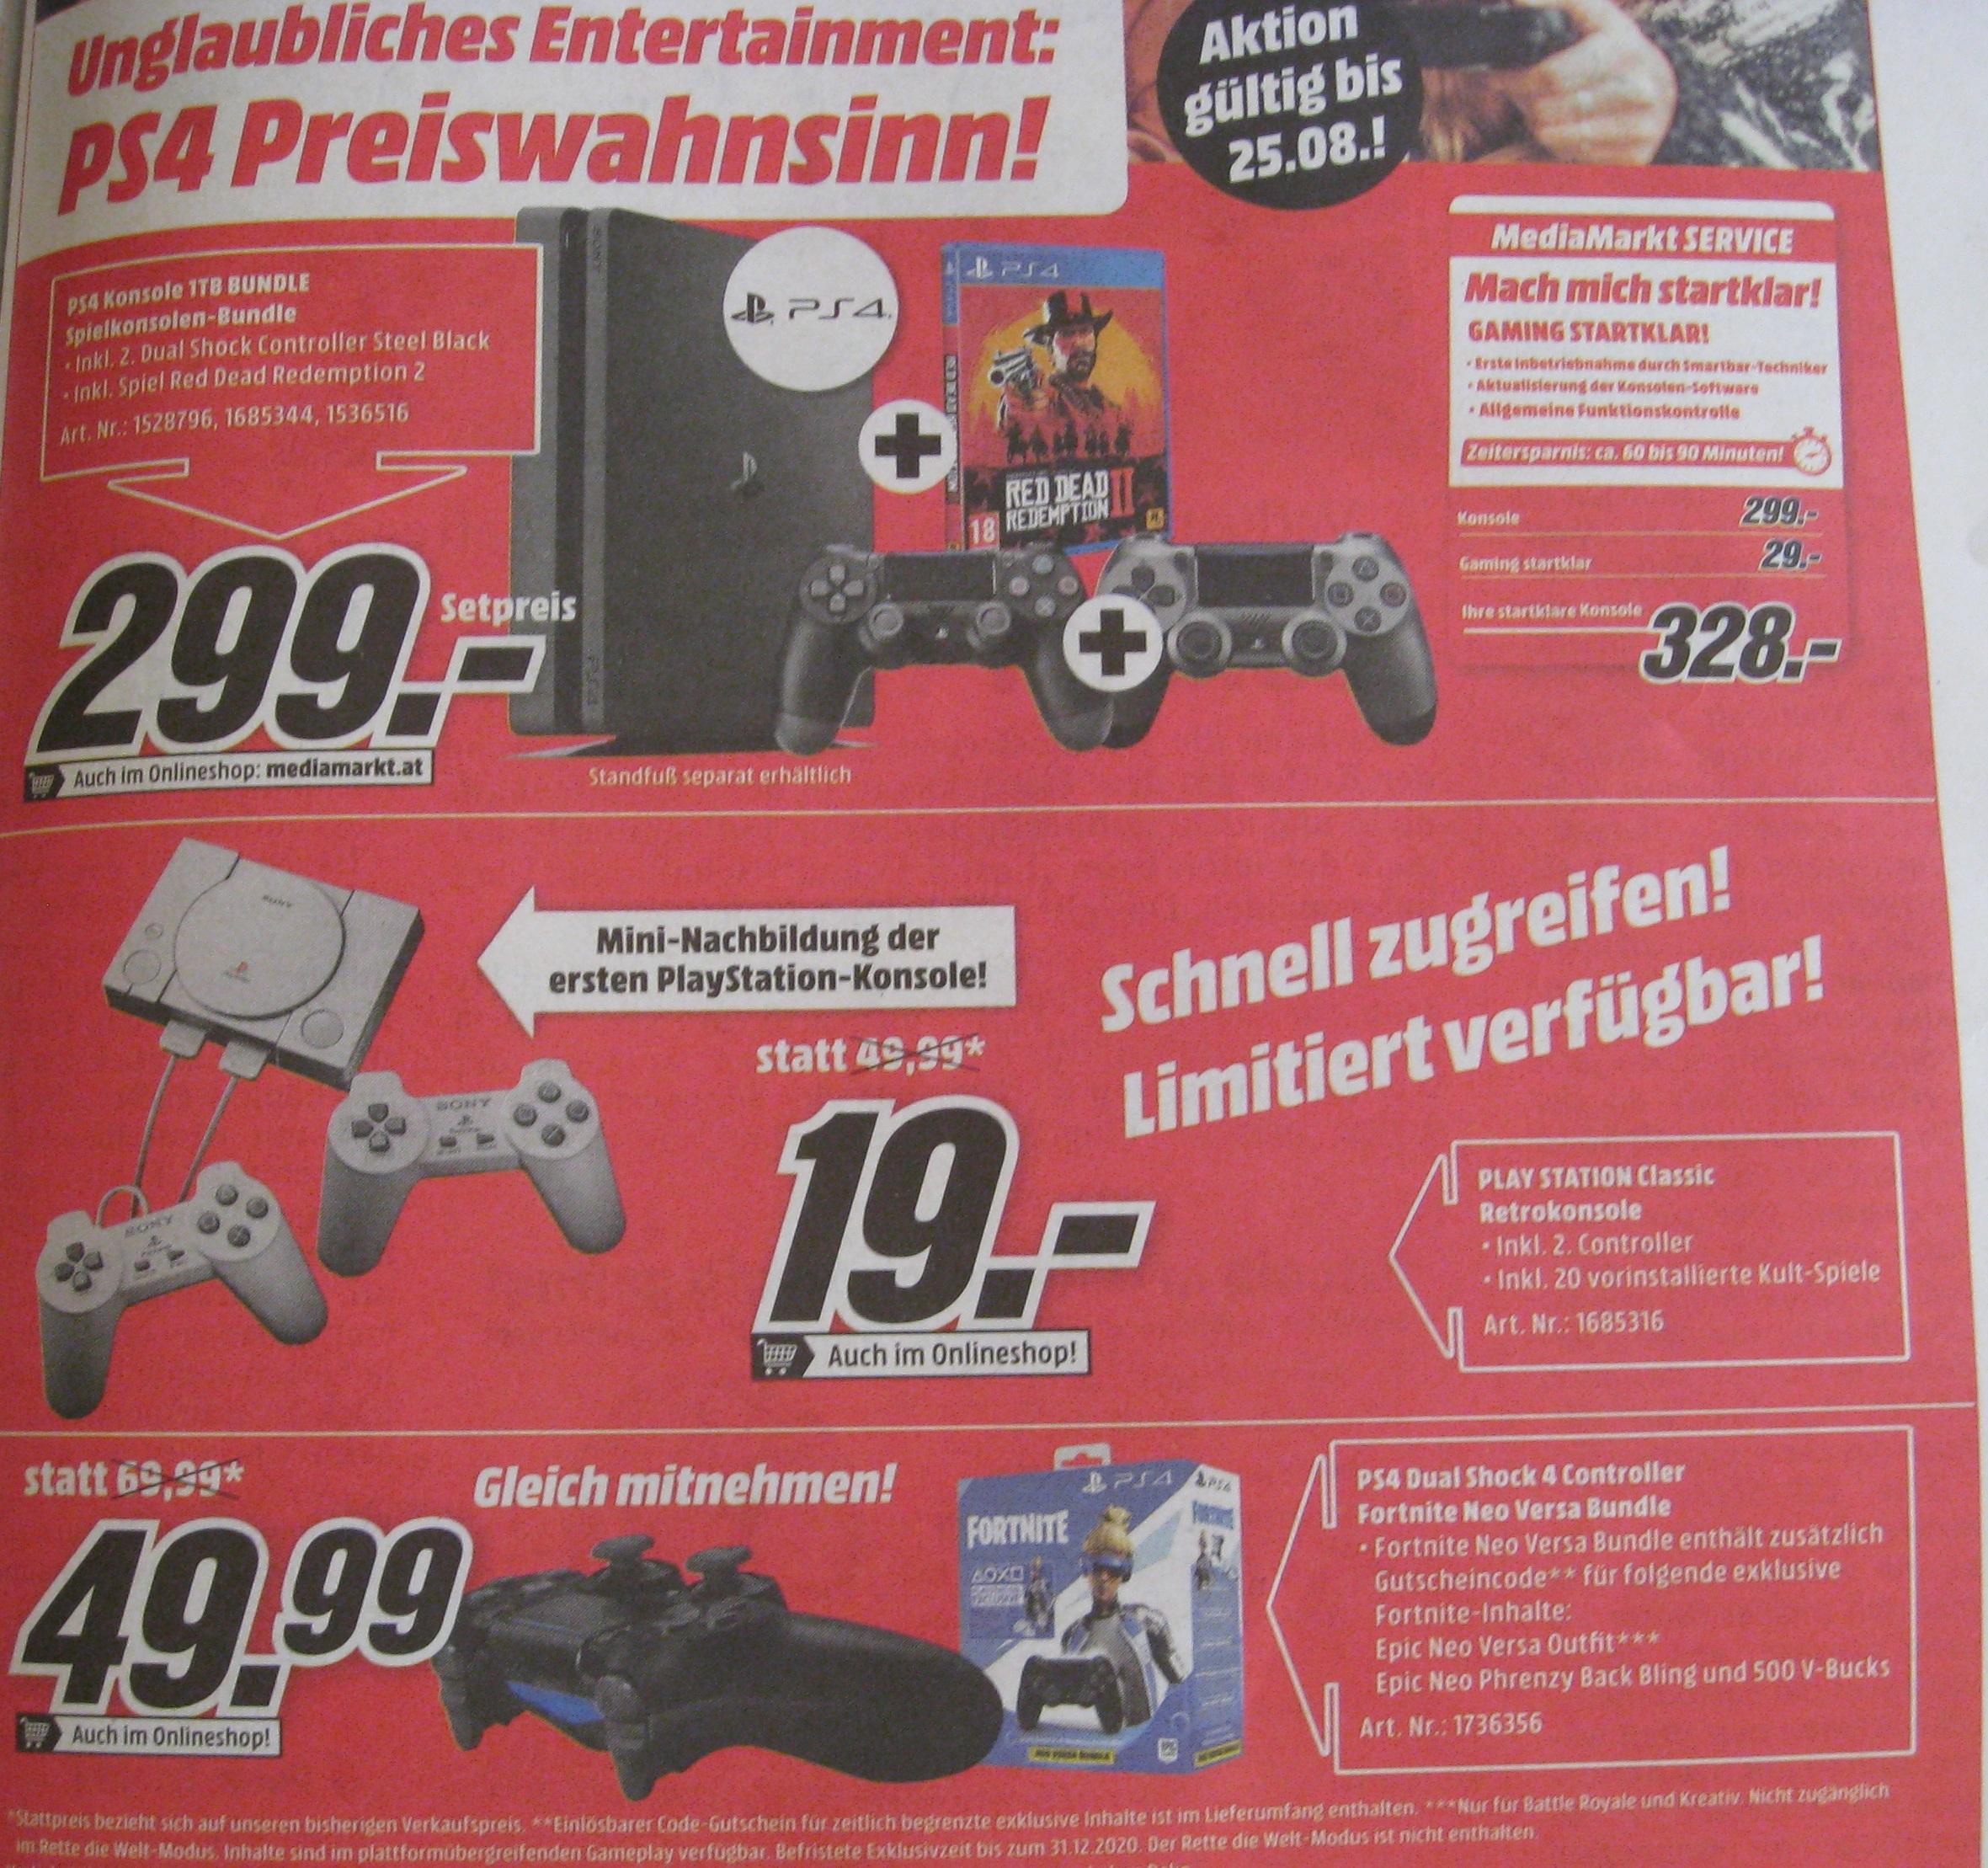 Playstation Classic für 19 Euro bei Media Markt und GameStop